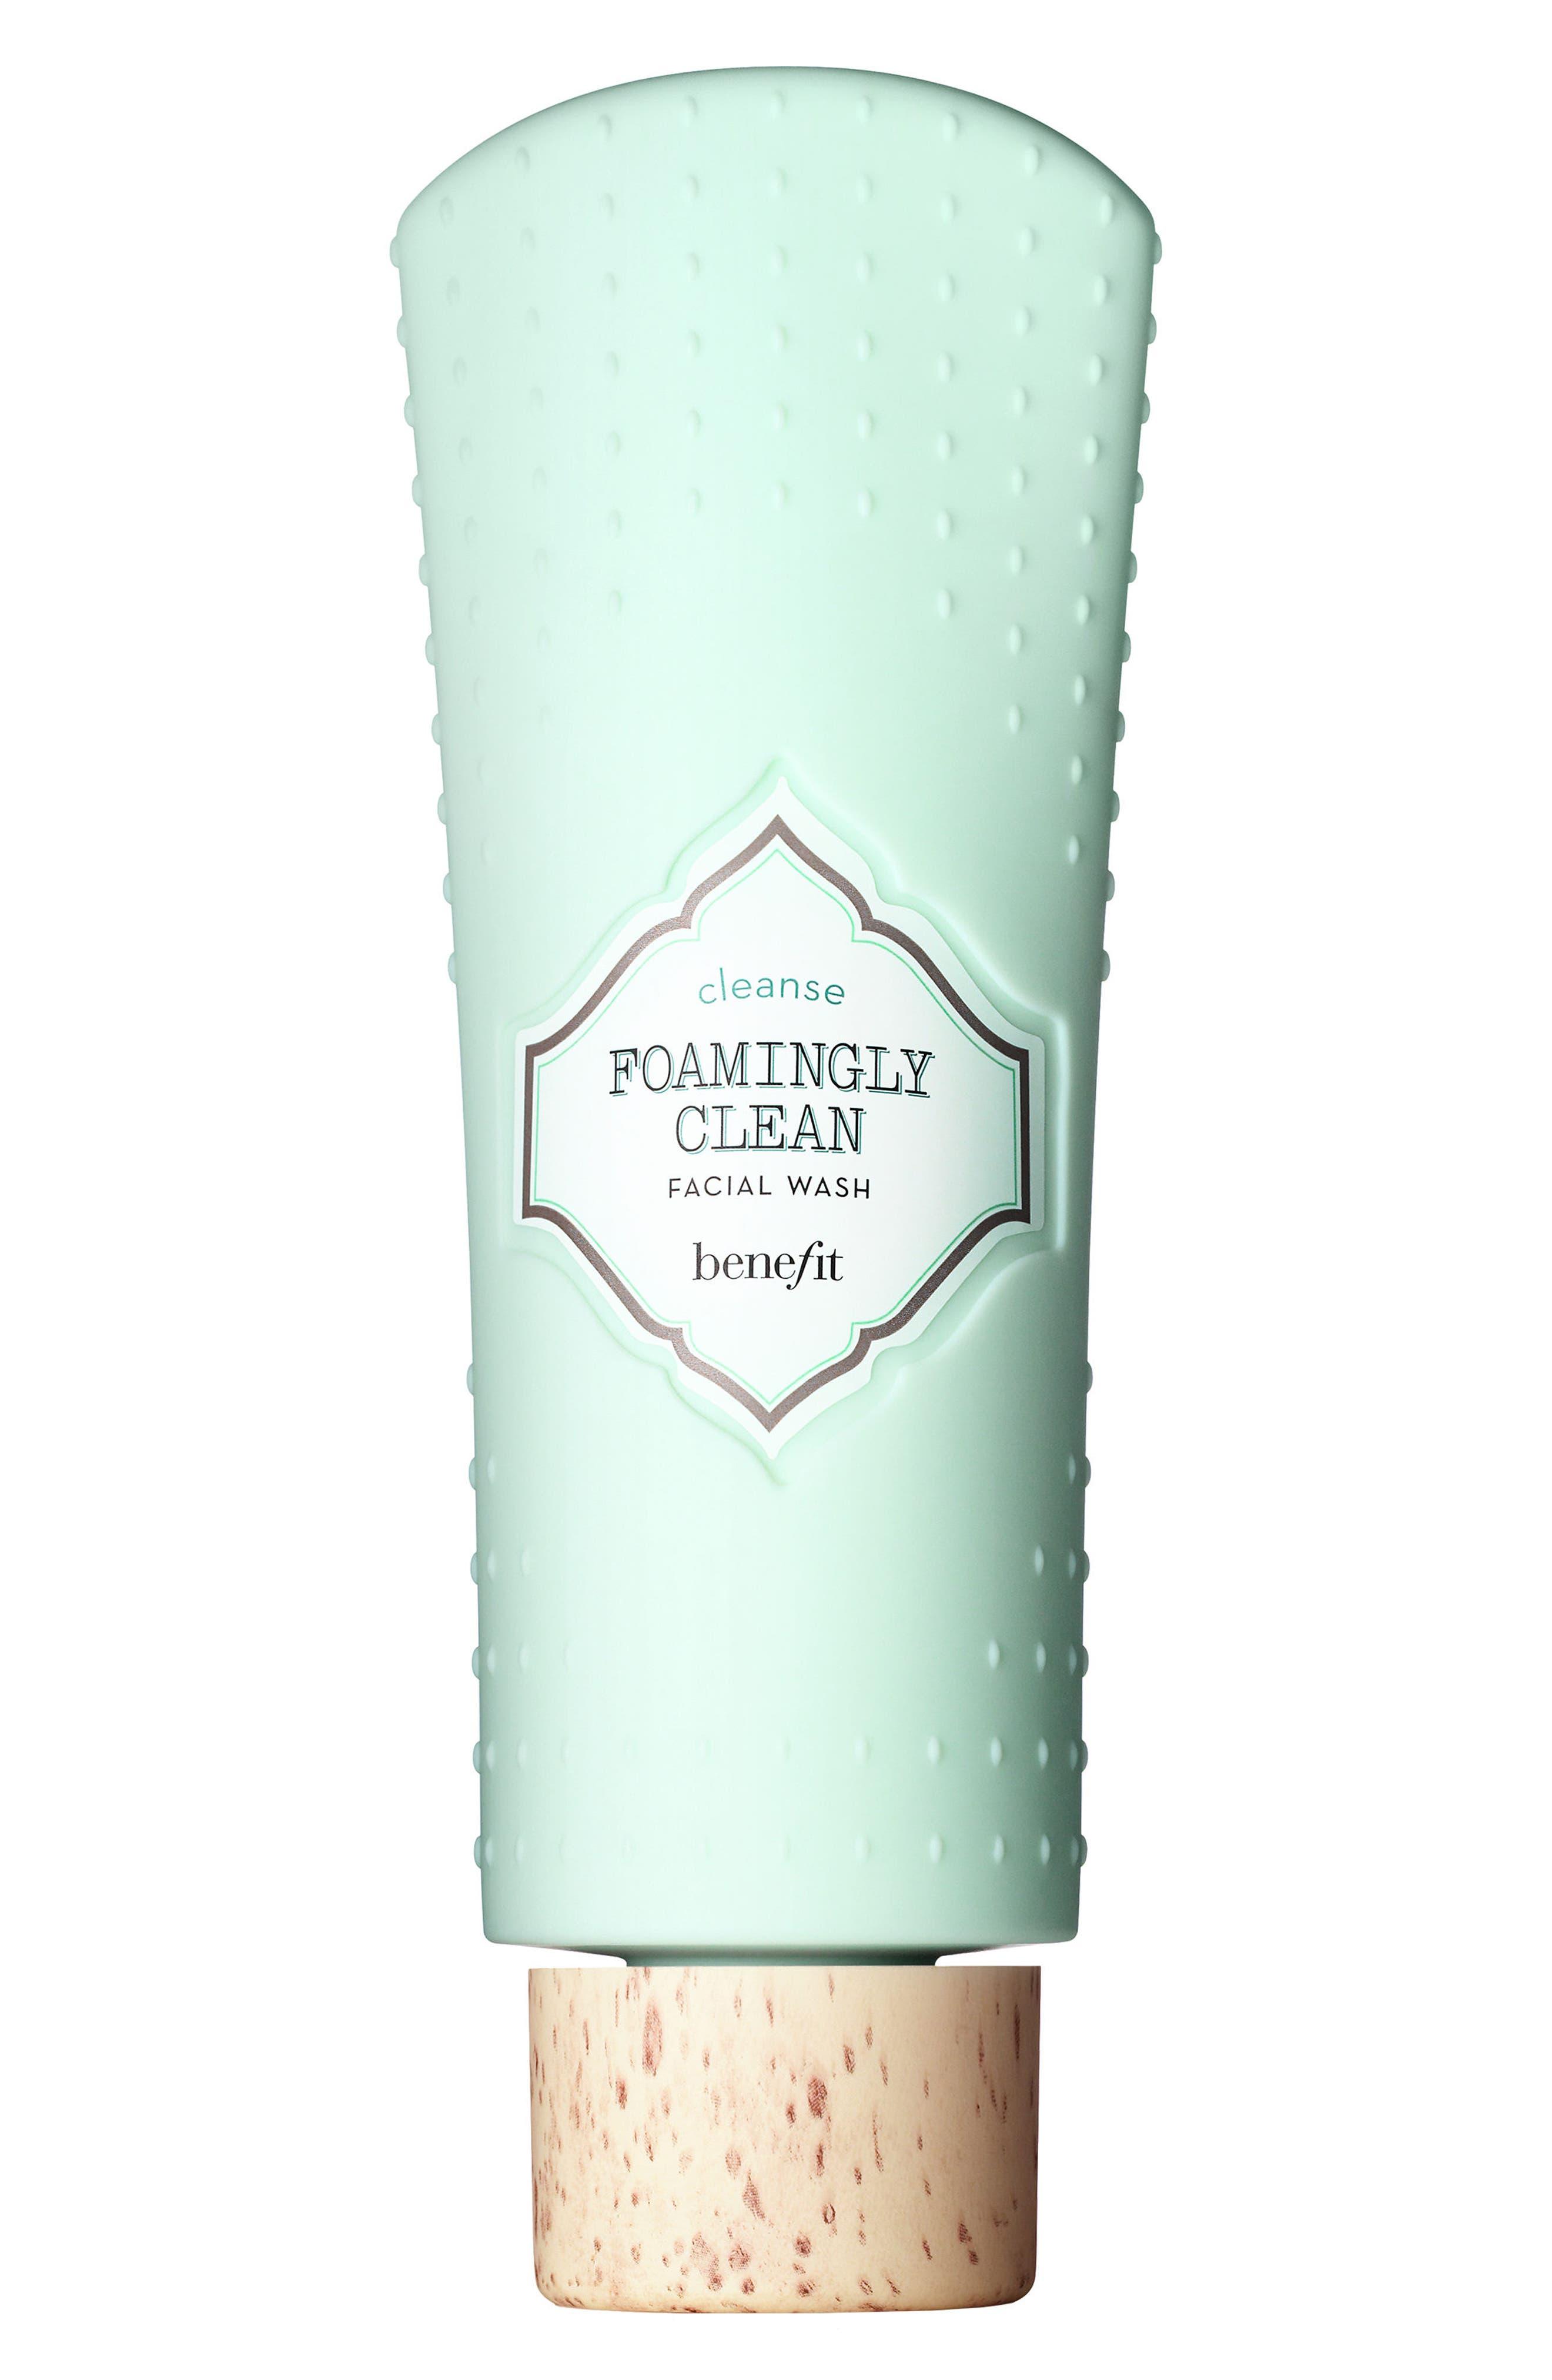 Benefit Foamingly Clean Facial Wash